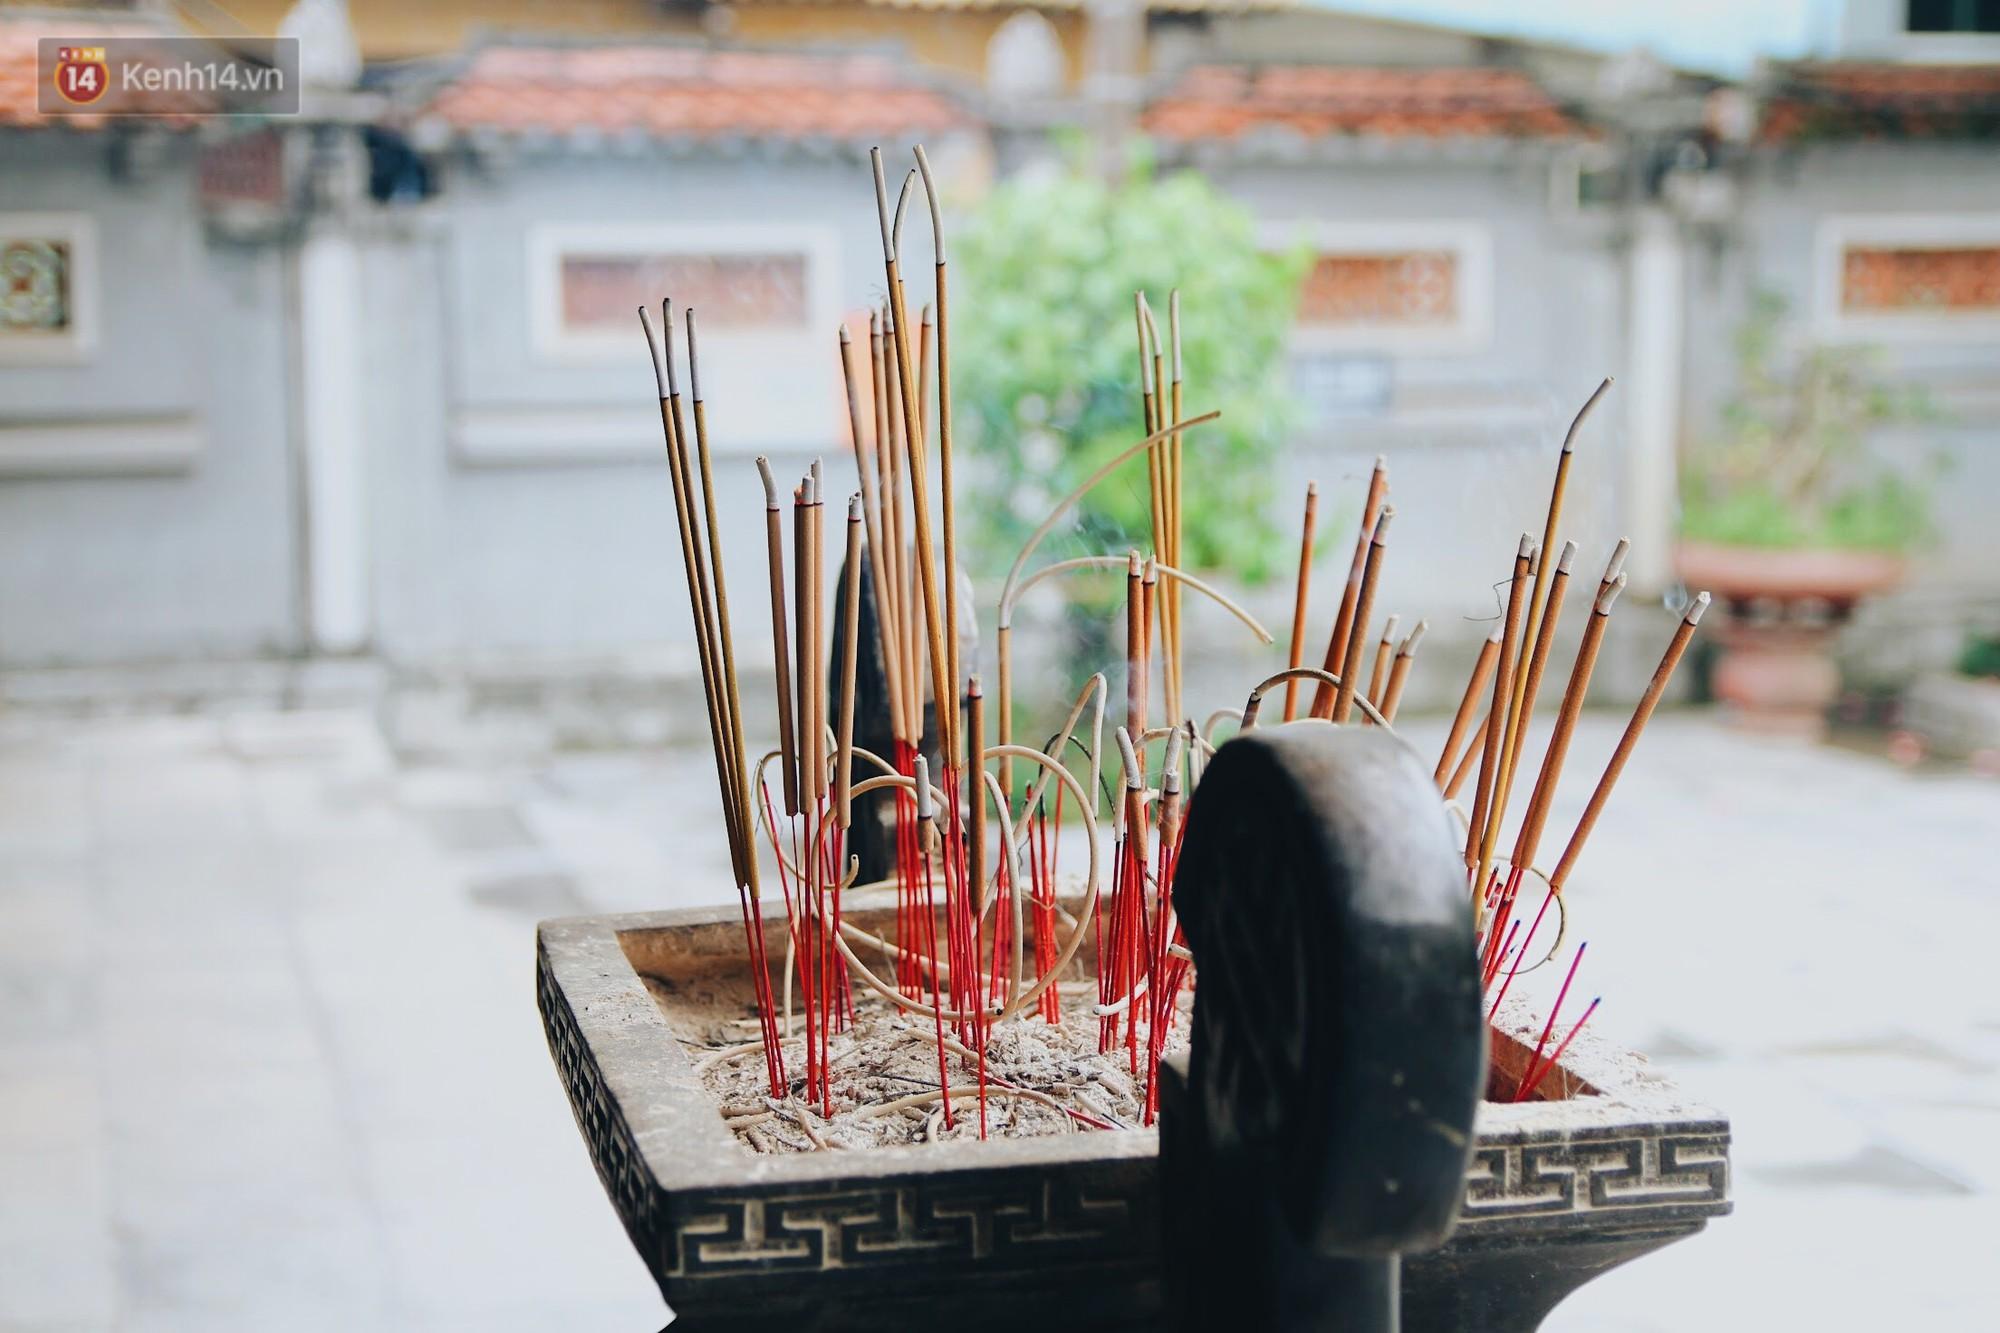 Đến chùa Hà dịp lễ Thất Tịch nghe chuyện cô gái 'cứ viết sớ, sau một tháng có người yêu!' khiến ai cũng ghen tỵ 12